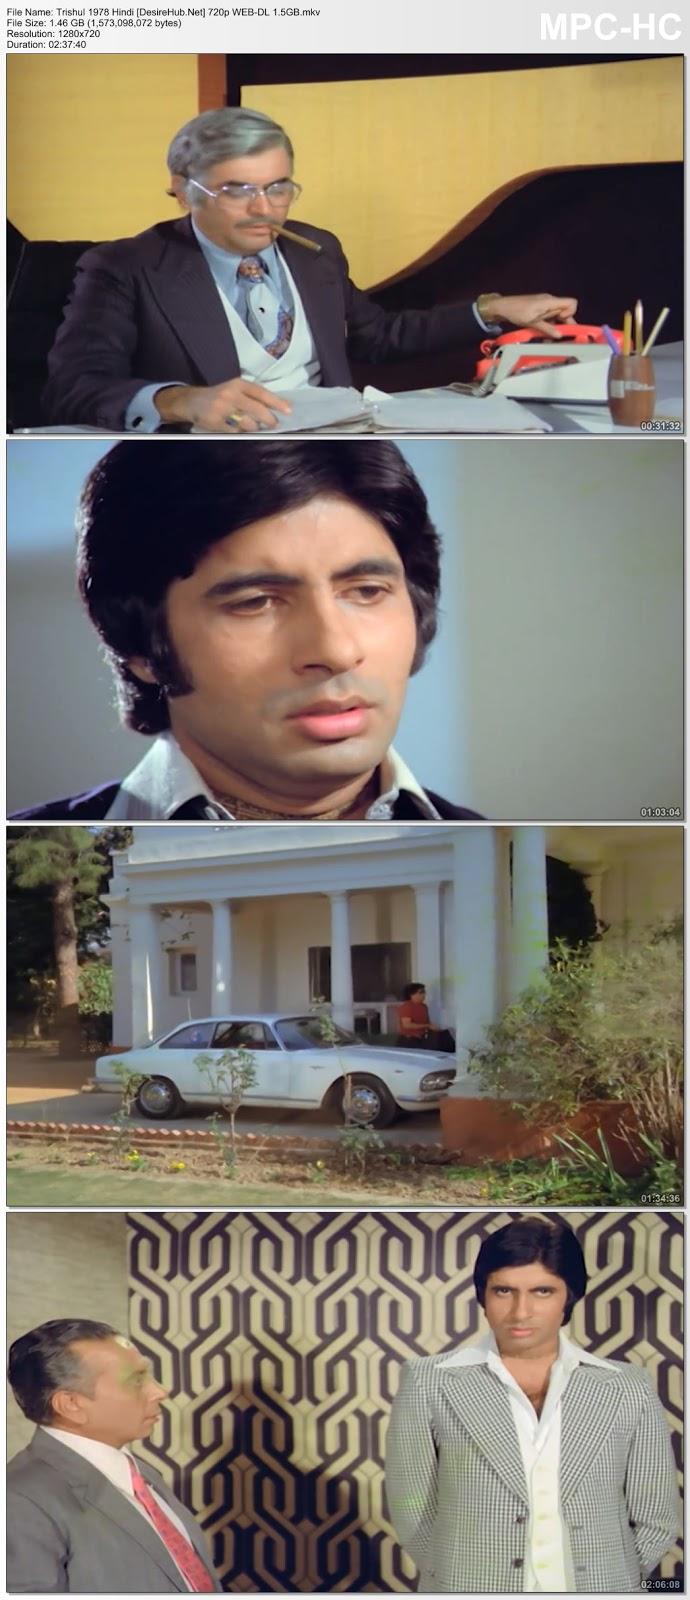 Trishul 1978 Hindi 720p WEB-DL 1.5GB Desirehub